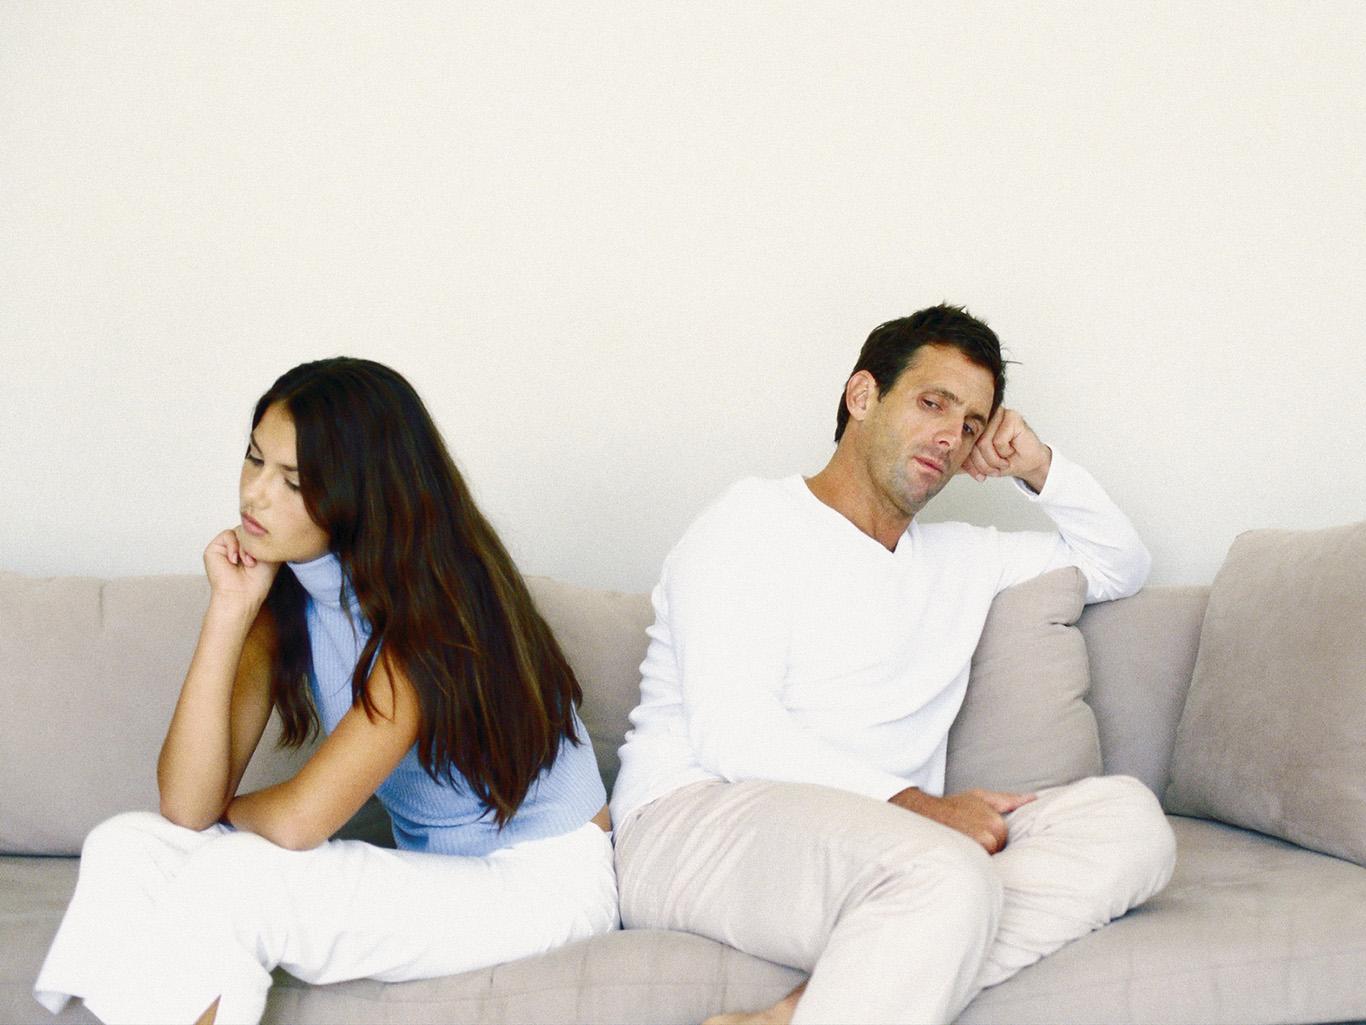 Что вы обязательно должны узнать у мужчины, прежде чем начинать строить с ним отношения